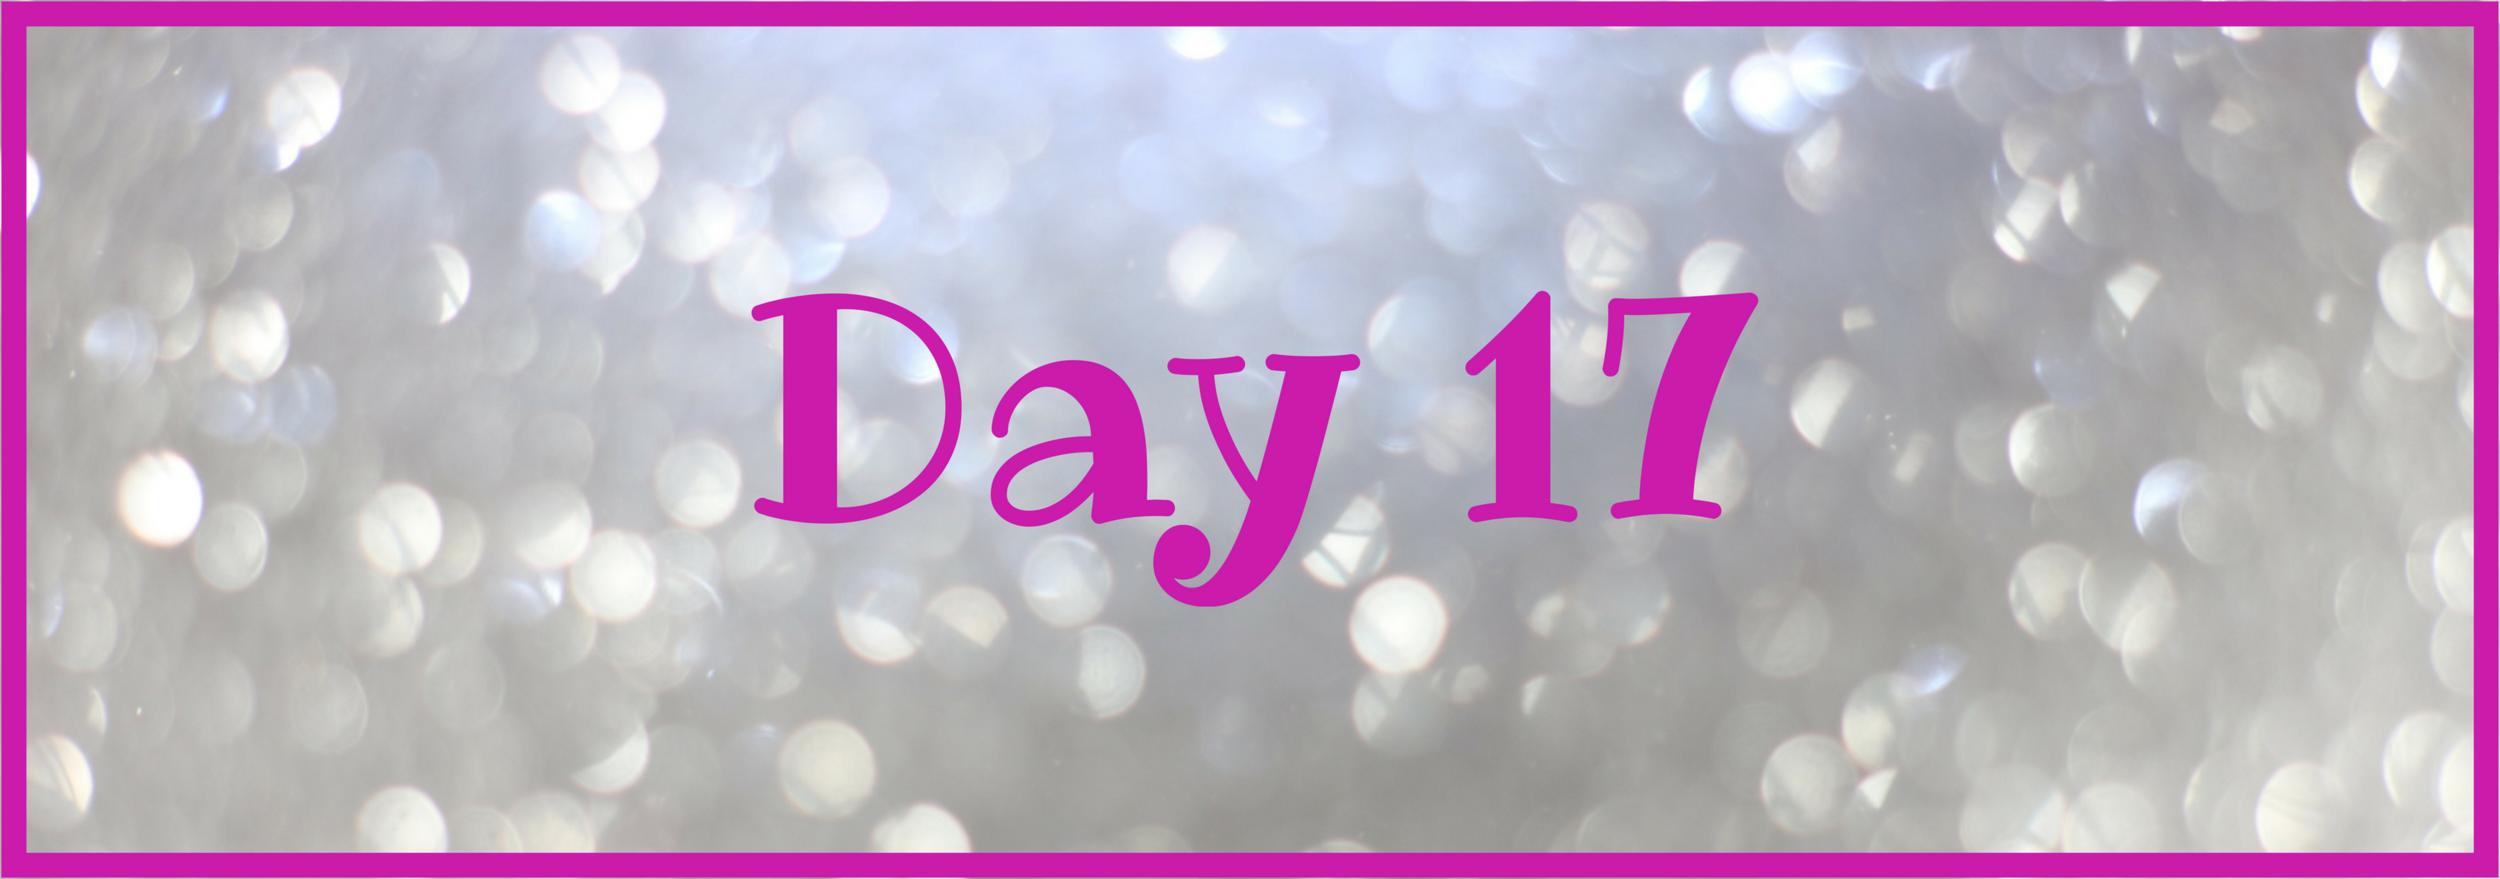 vortex day 17.png